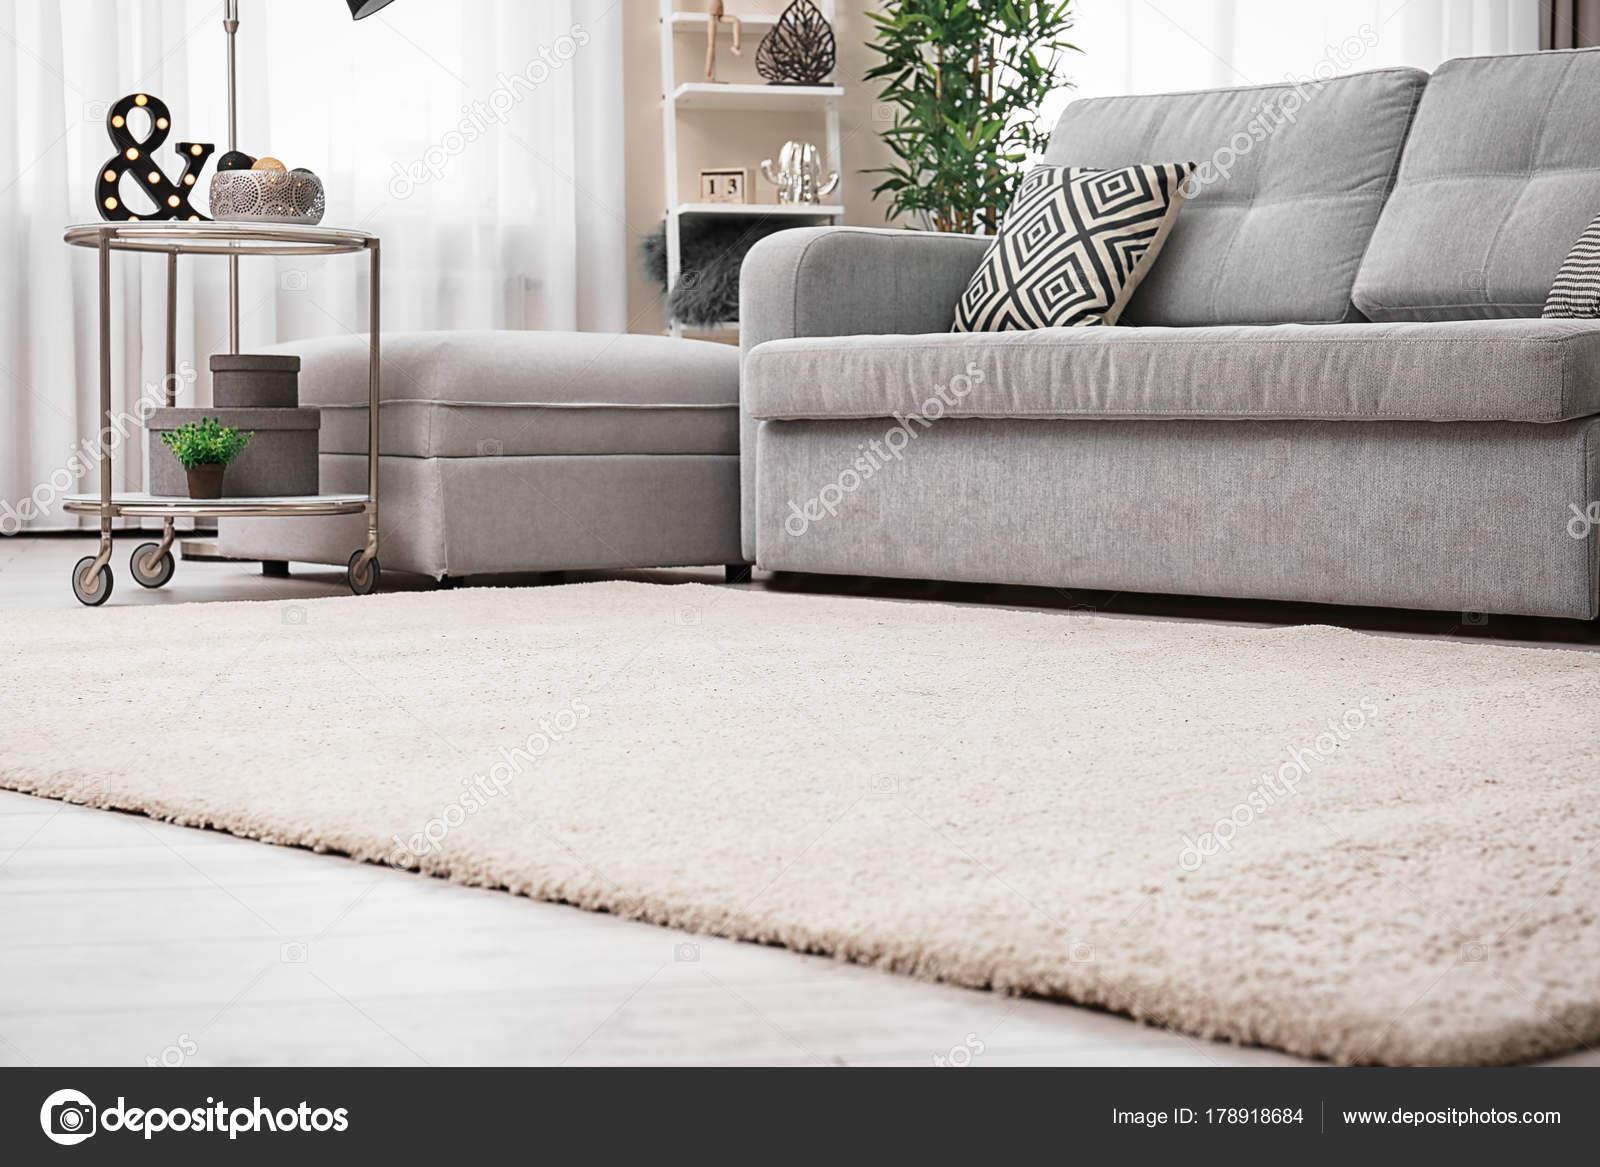 Moderne Wohnzimmer Interieur Mit Gemütlichen Sofa Und Weichen Teppich U2014  Stockfoto